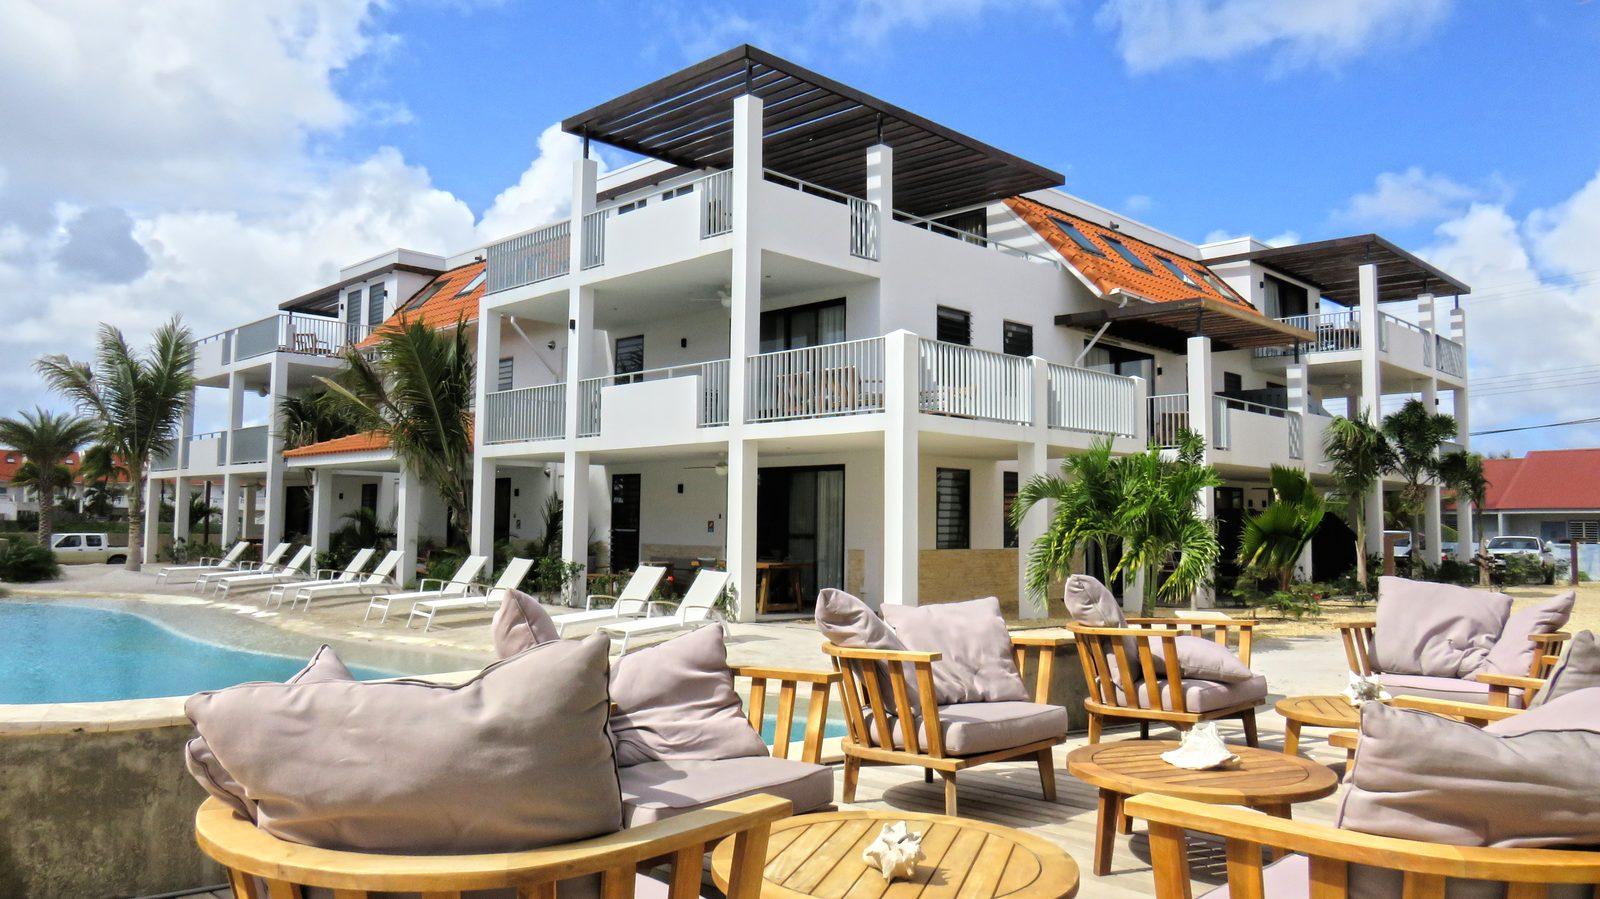 ¿Buscas una casa en alquiler en Bonaire? Echa un vistazo a las opciones en Resort Bonaire.